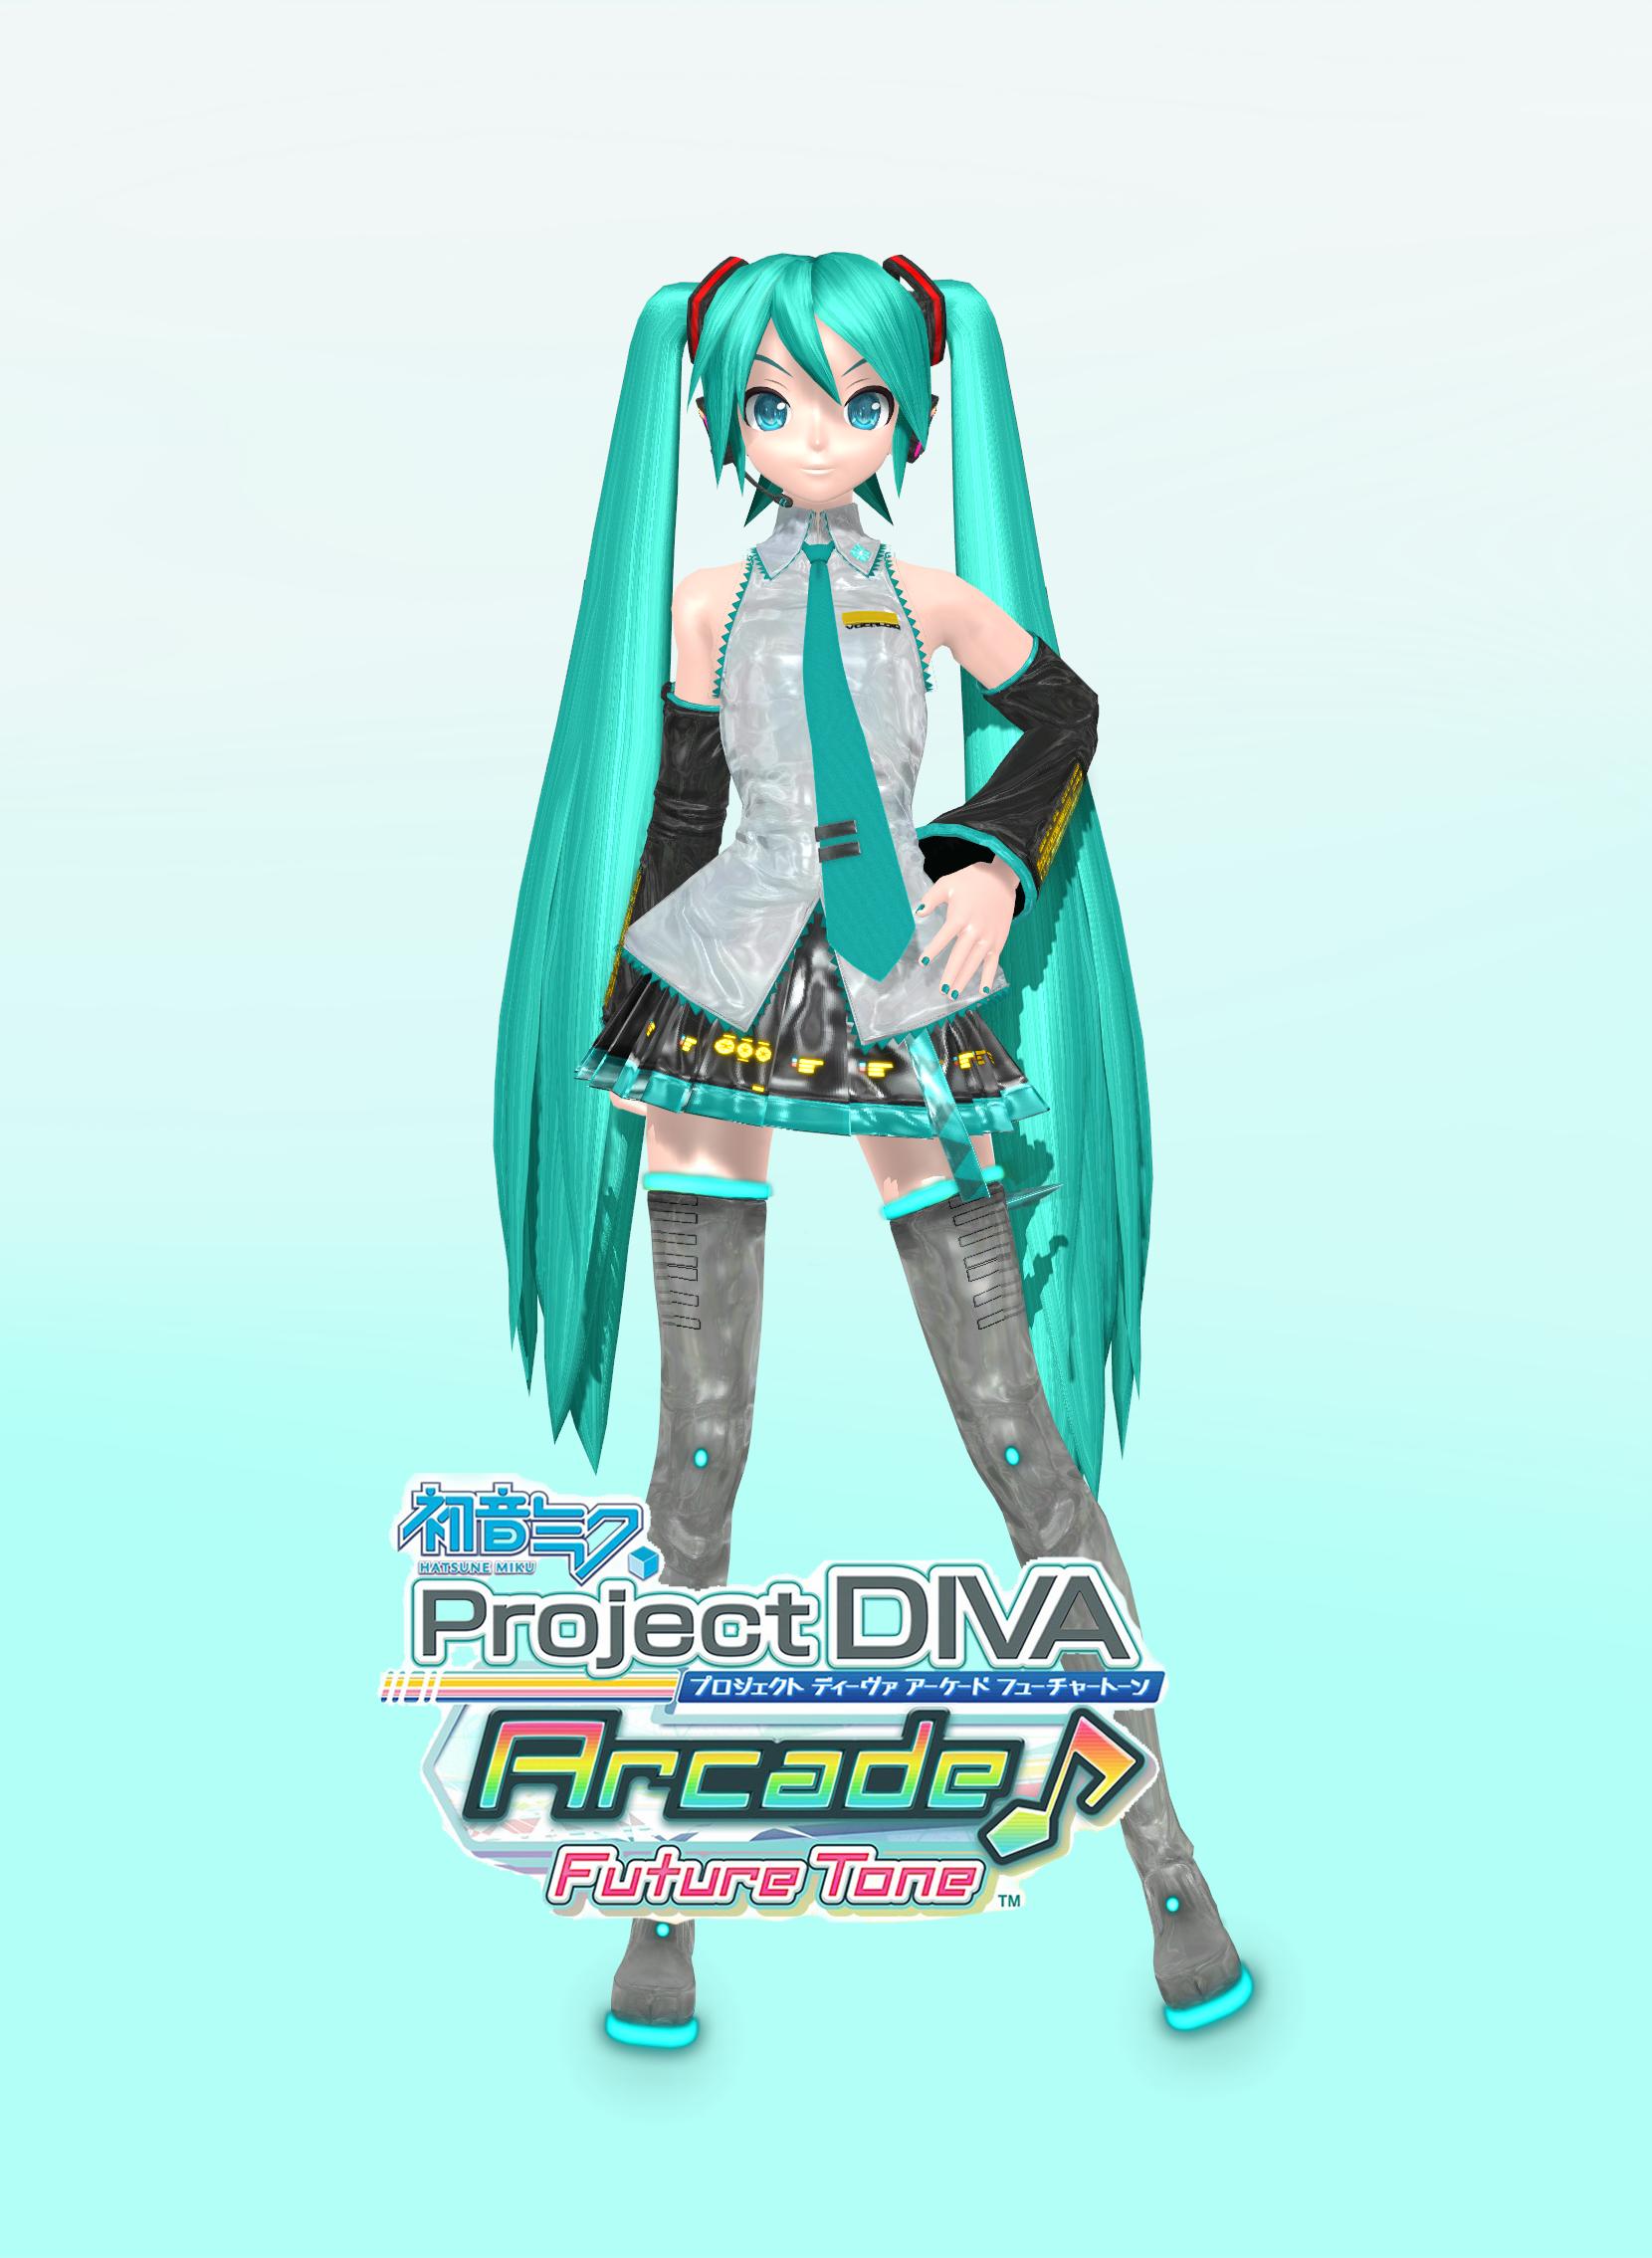 Video project diva hatsune miku future tone by johnjan11 - Hatsune miku project diva future ...